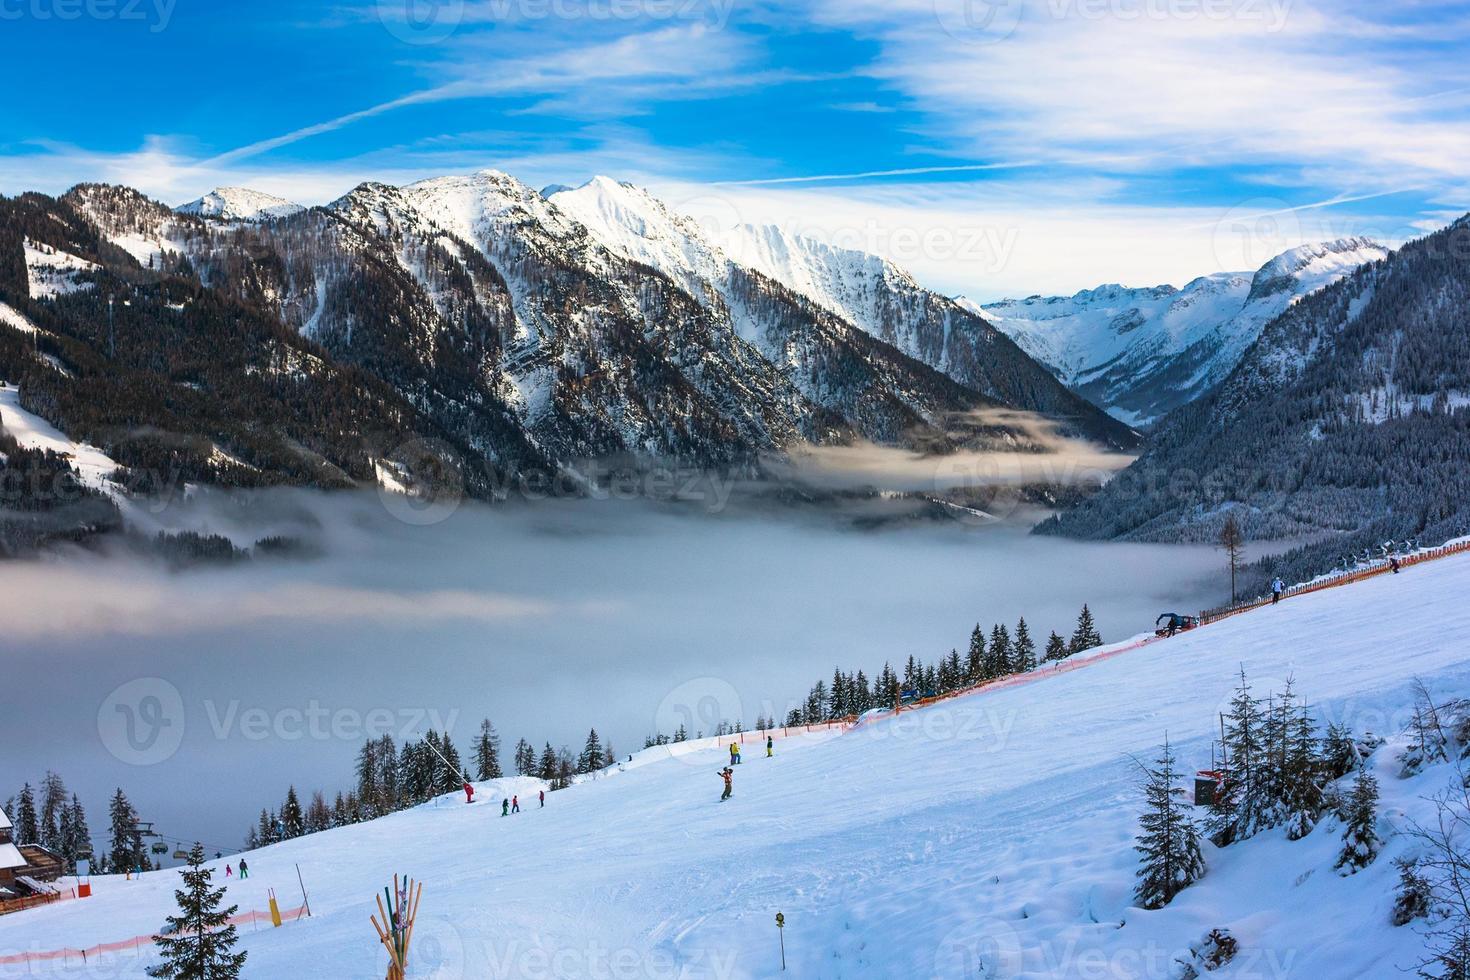 station de ski de montagne en autriche - photo